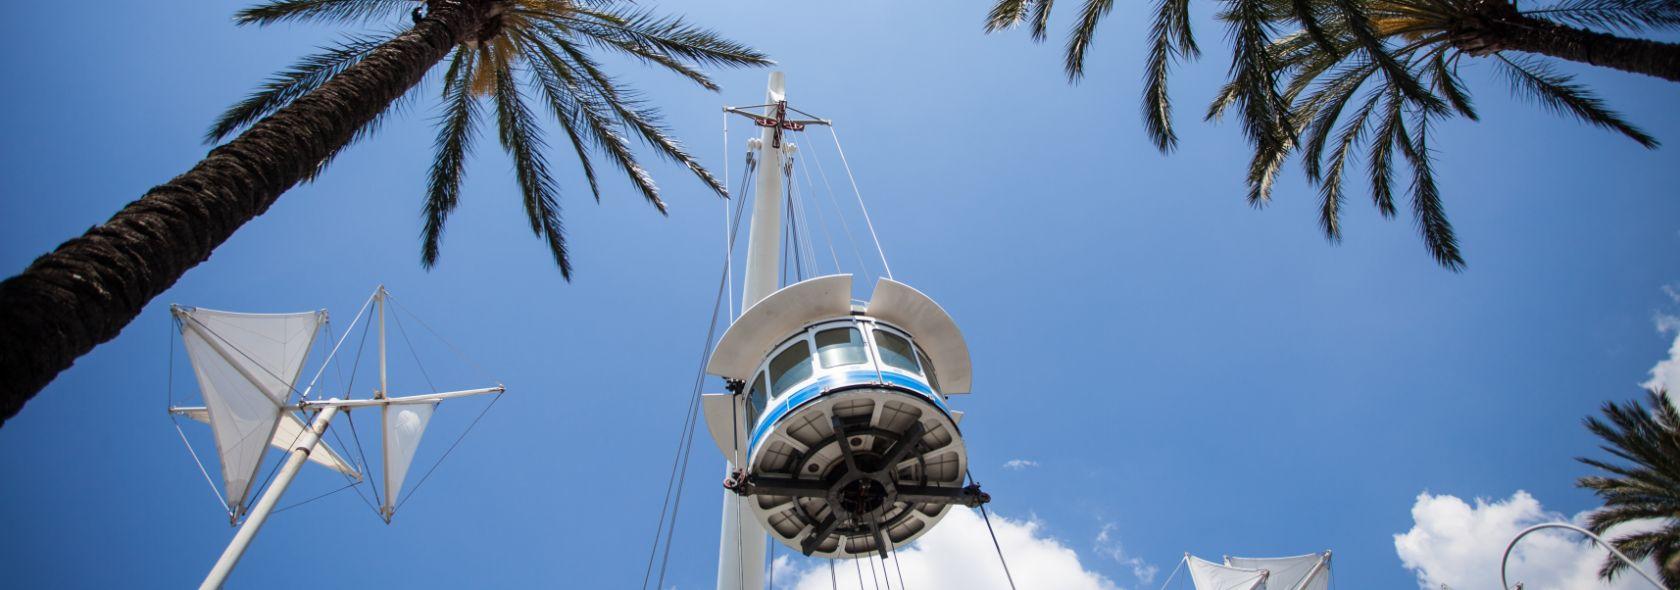 Il Bigo, ascensore panoramico progettato da Renzo Piano